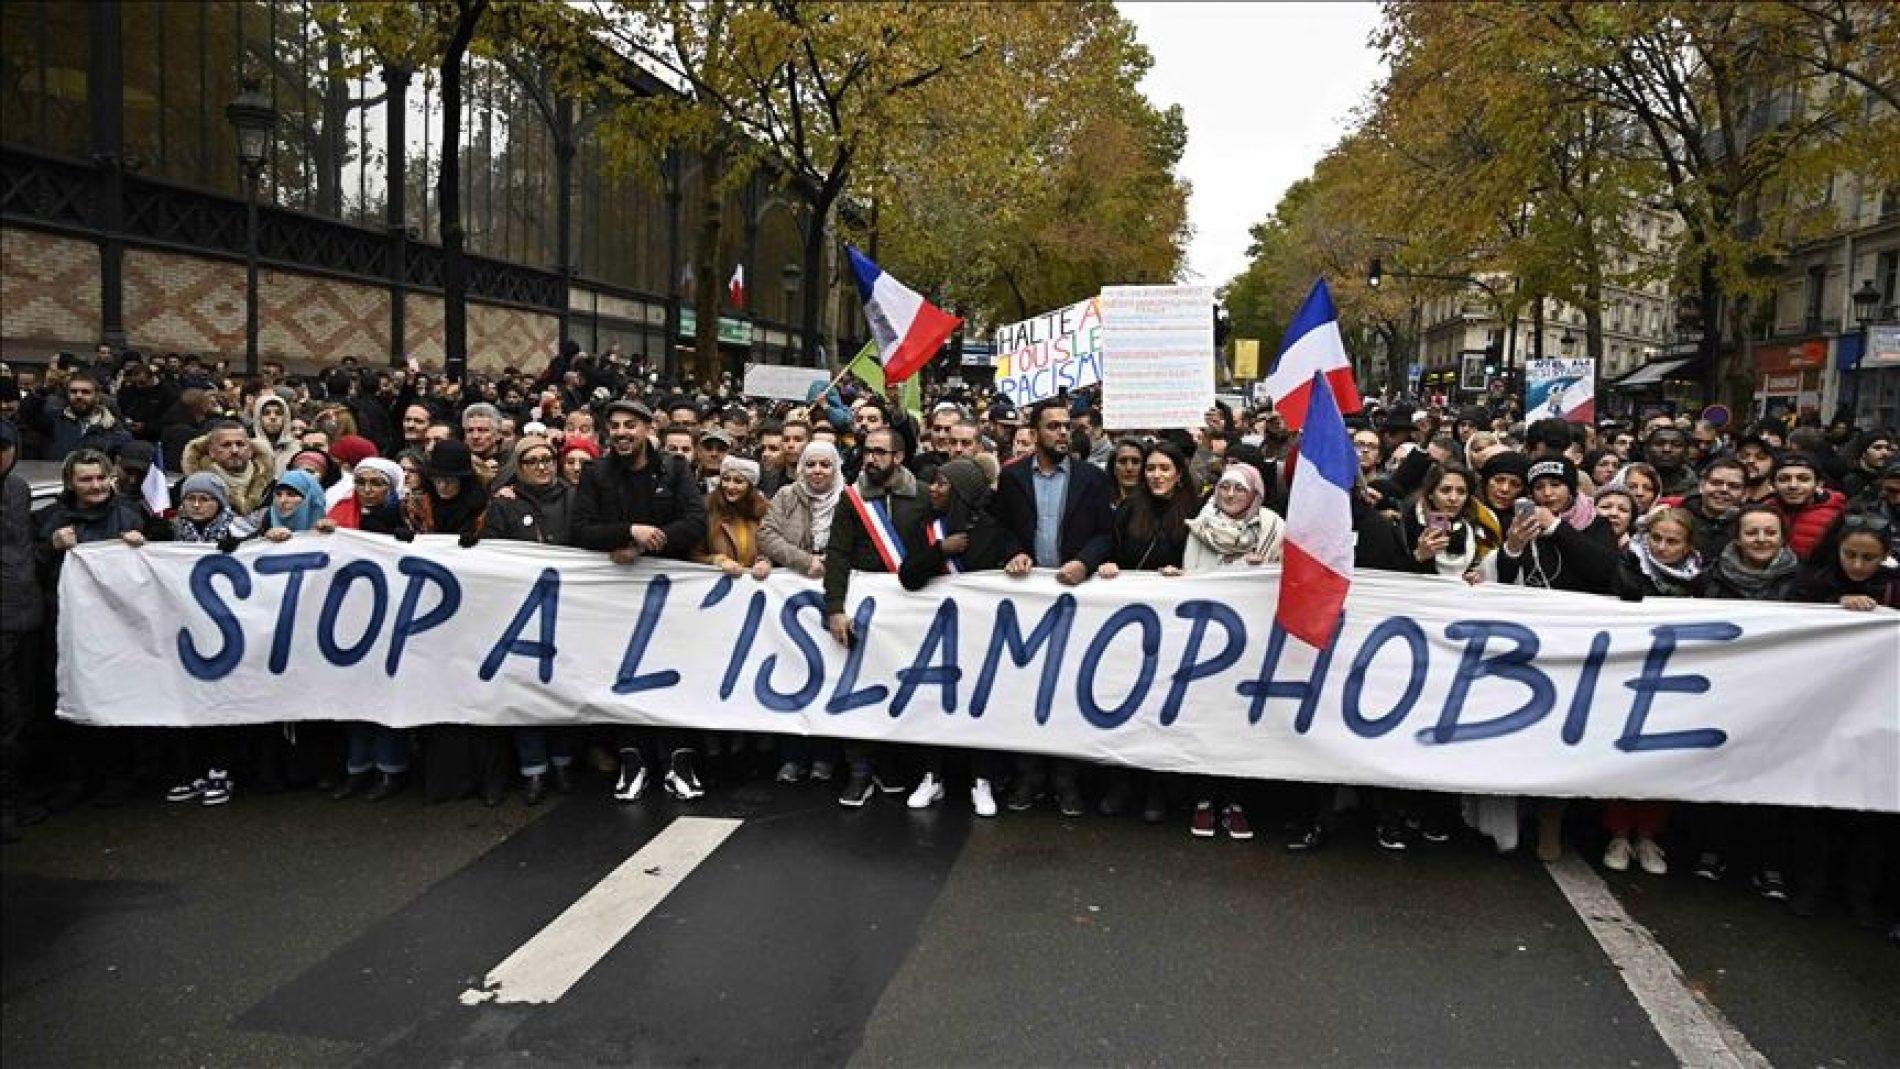 Francuske fobije: Predsjednik vrijeđa okolo, ljudi na ulicama Pariza upozoravaju na rasizam